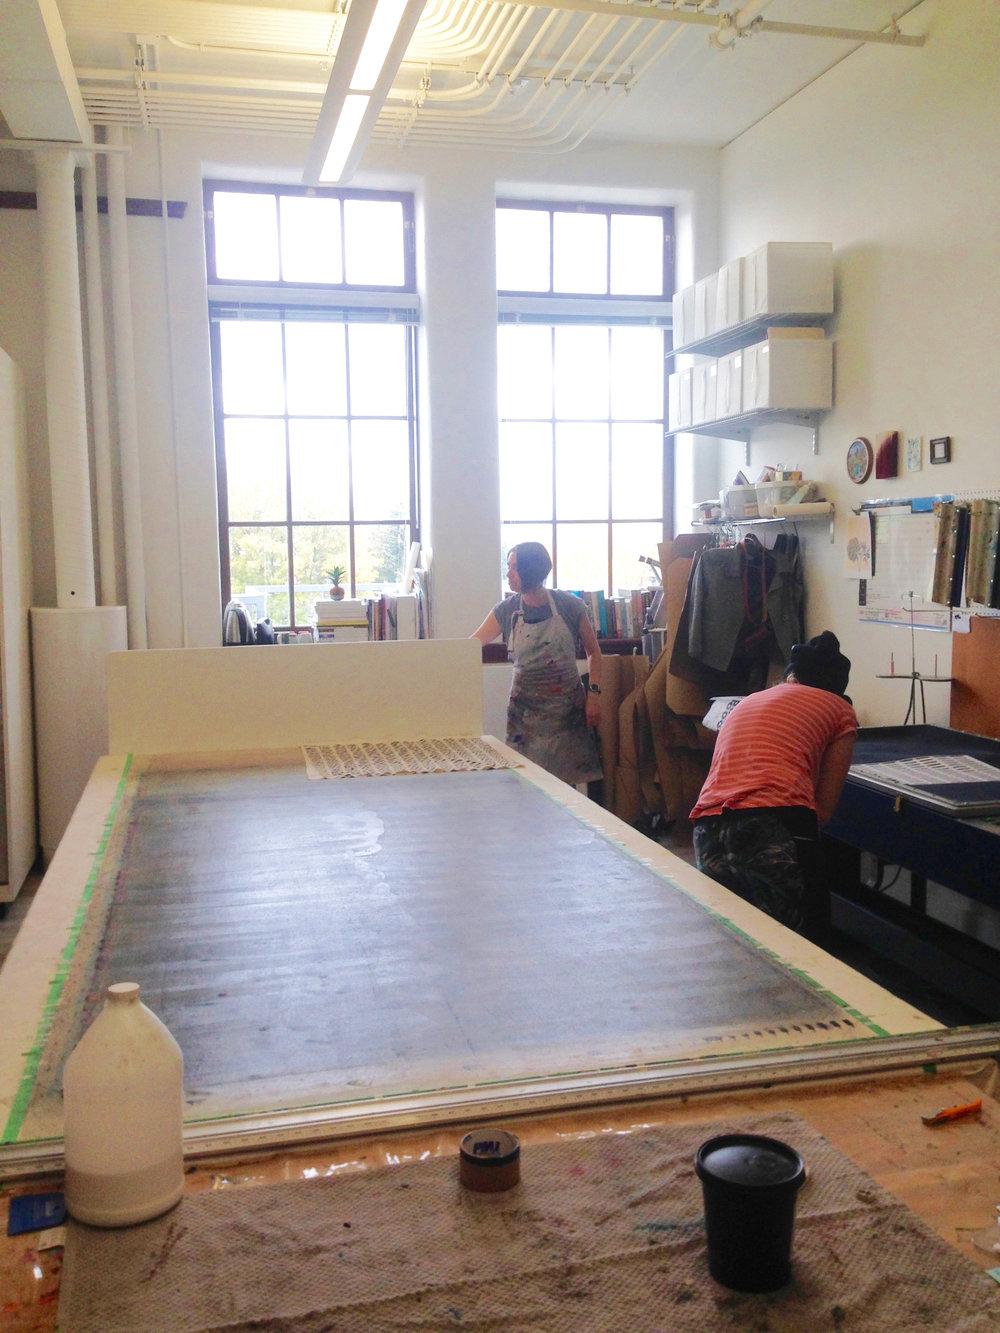 Natalie (by the window) of Natalie Gerber Studio